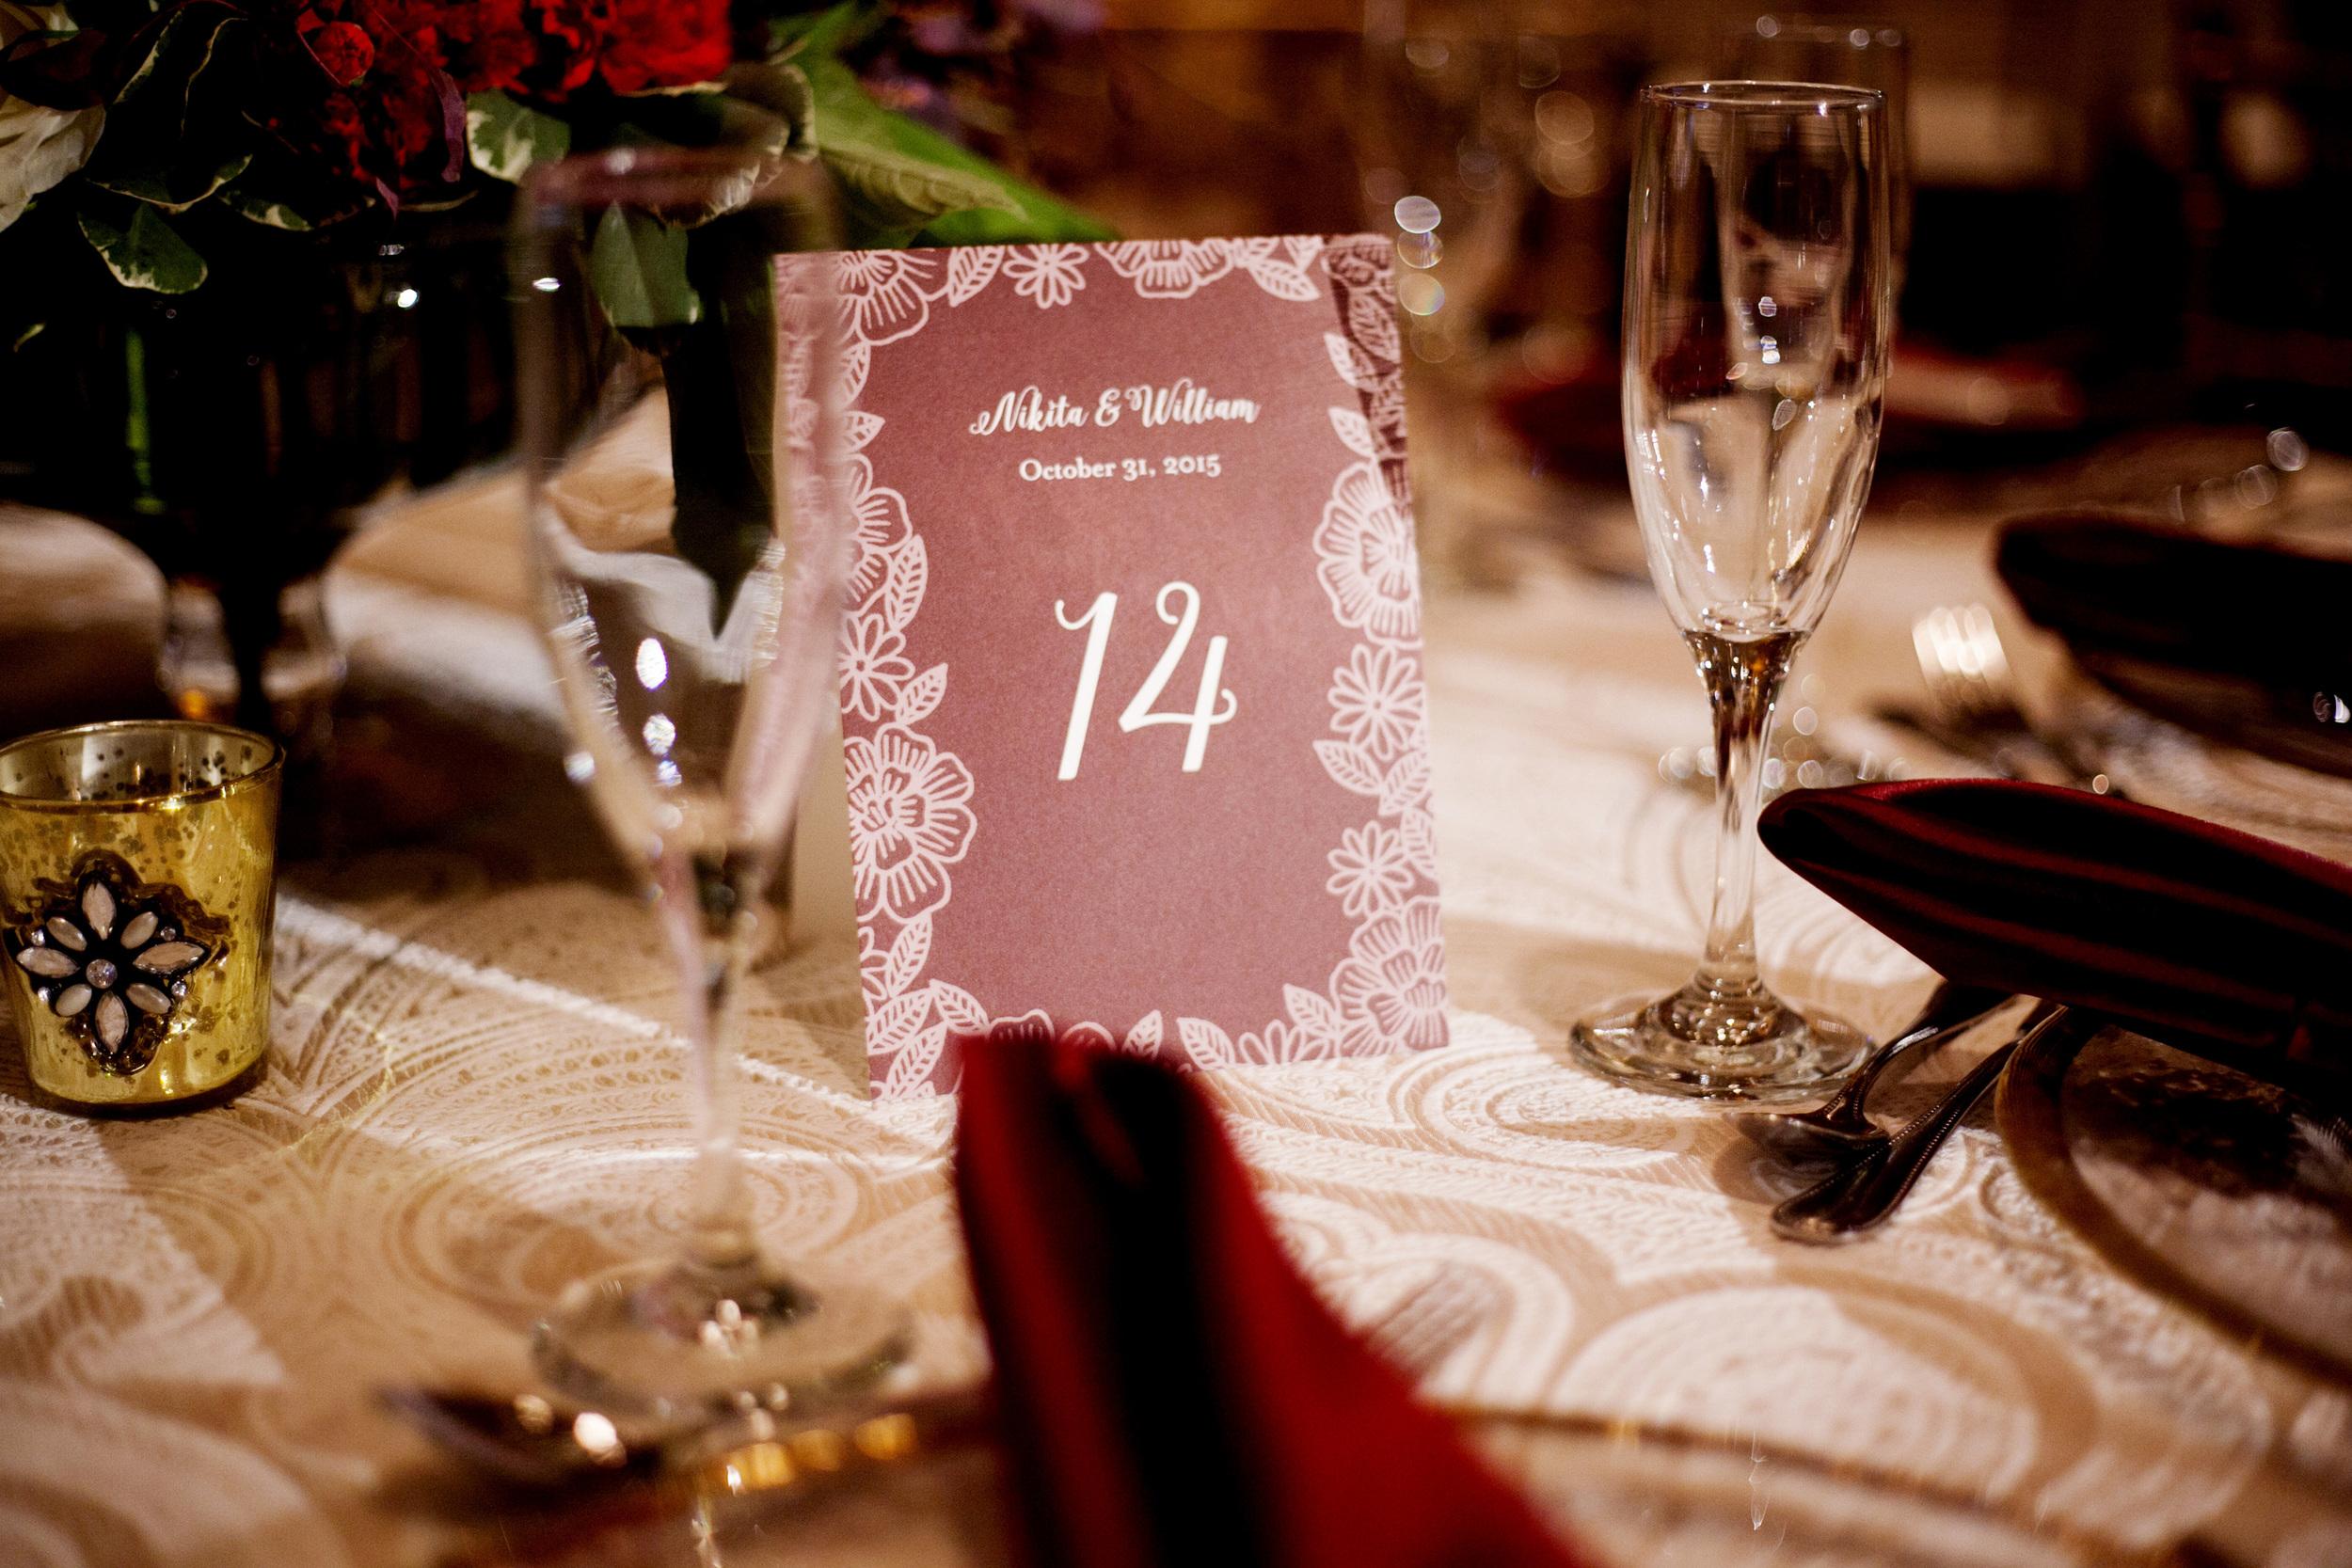 arizona wedding, wedding planner, scottsdale wedding planner, destination wedding planner, phoenix wedding planner, wedding coordinator, event planner, wedding design, table number, marsala wedding